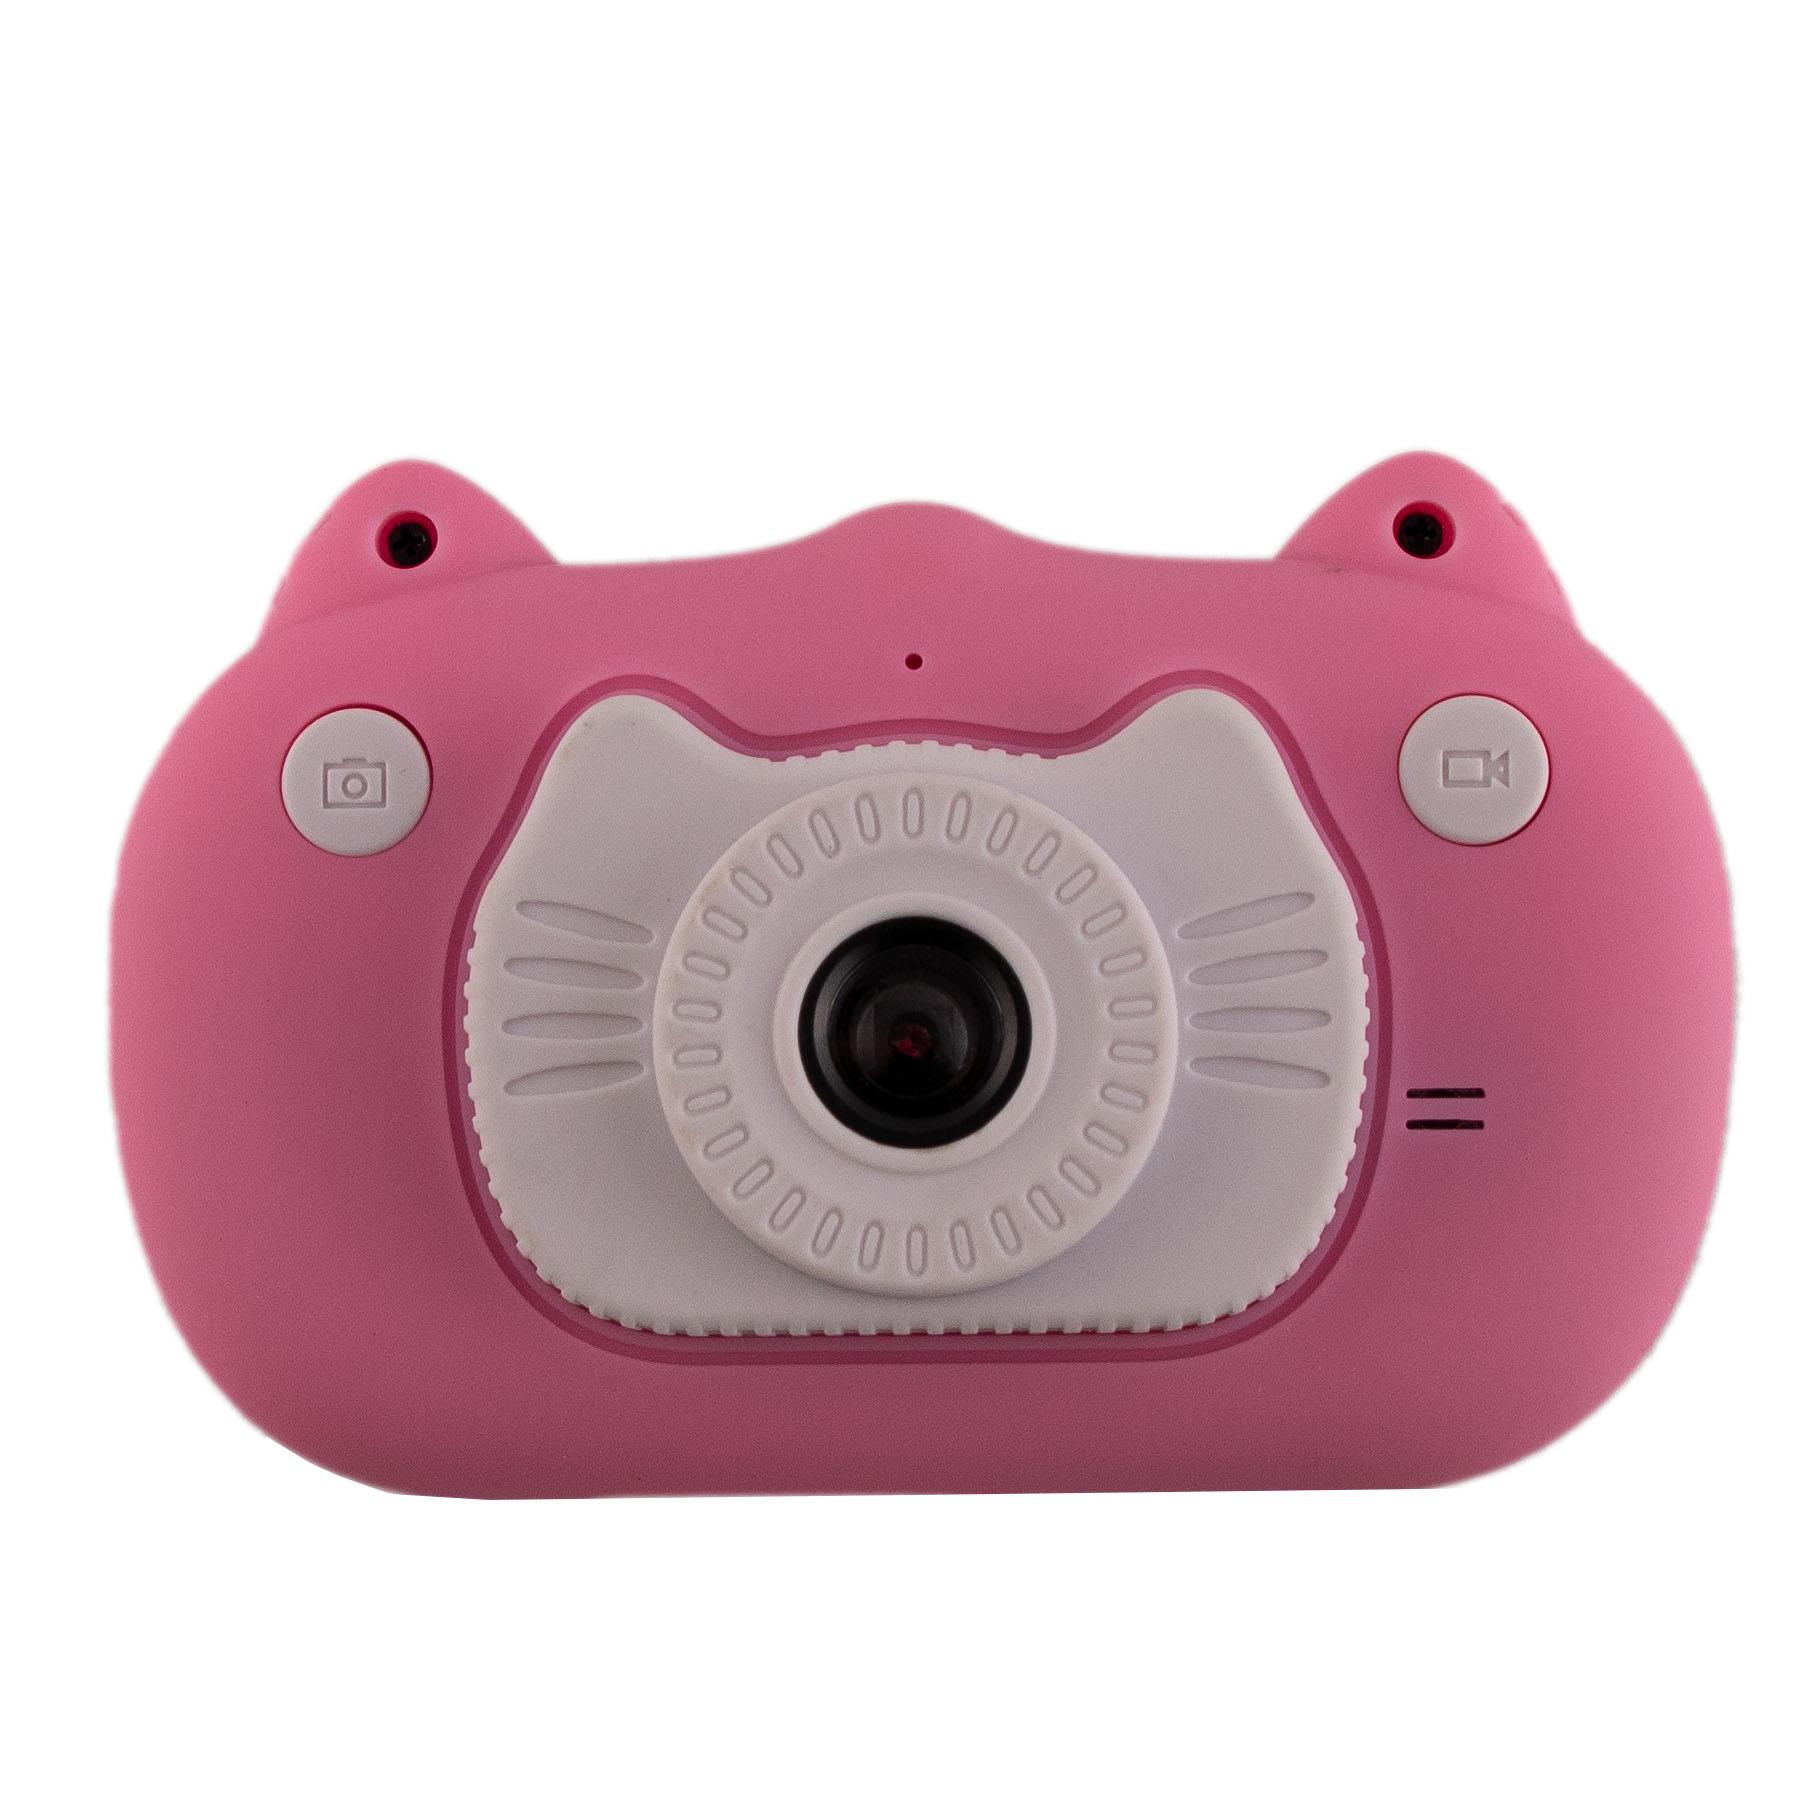 دوربین دیجیتال آکسون طرح کیتی مدل AX6071